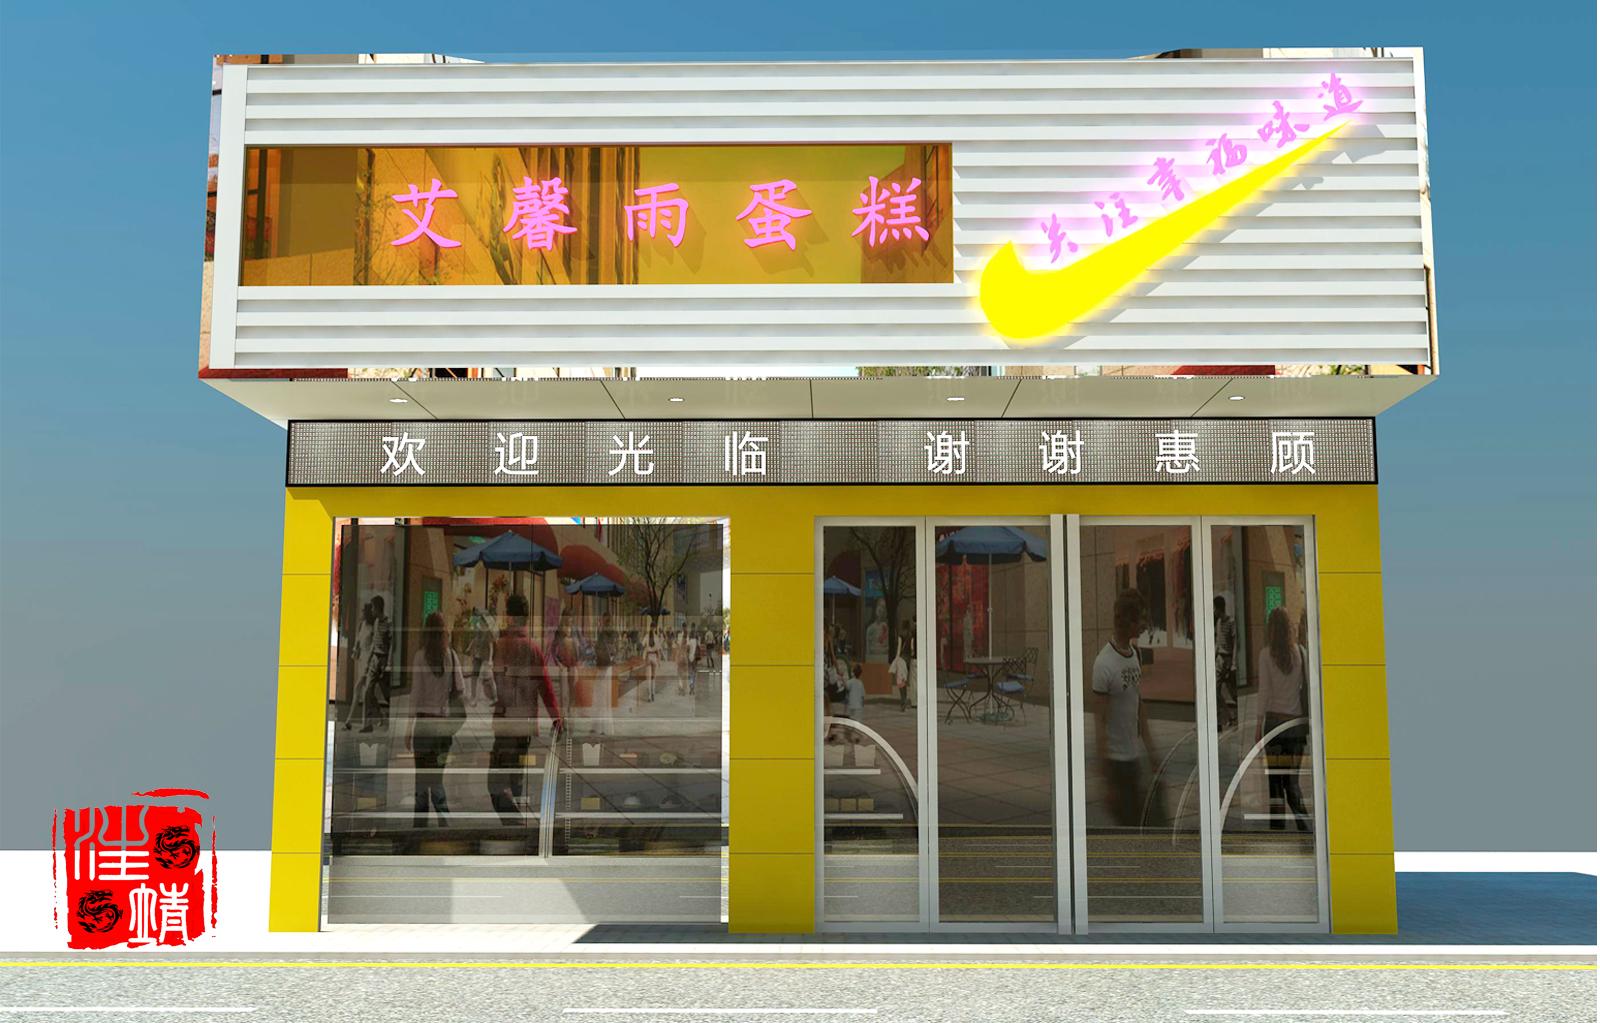 蛋糕店_芜湖灵源设计案例展示_一品威客网